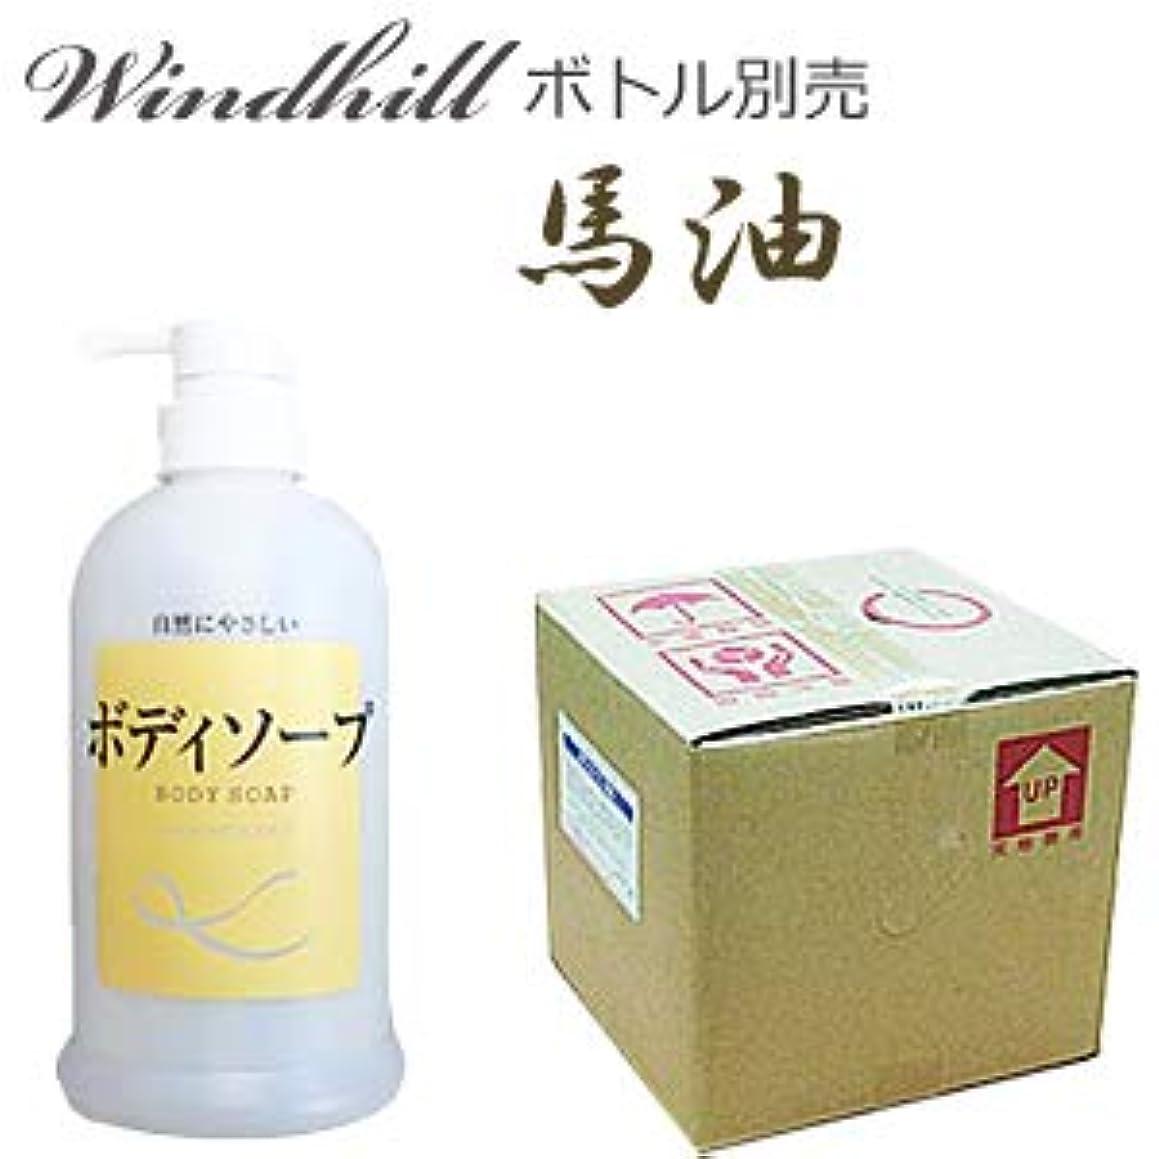 言語学三番カウンターパートなんと! 500ml当り190円 Windhill 馬油 業務用 ボディソープ   フローラルの香り 20L